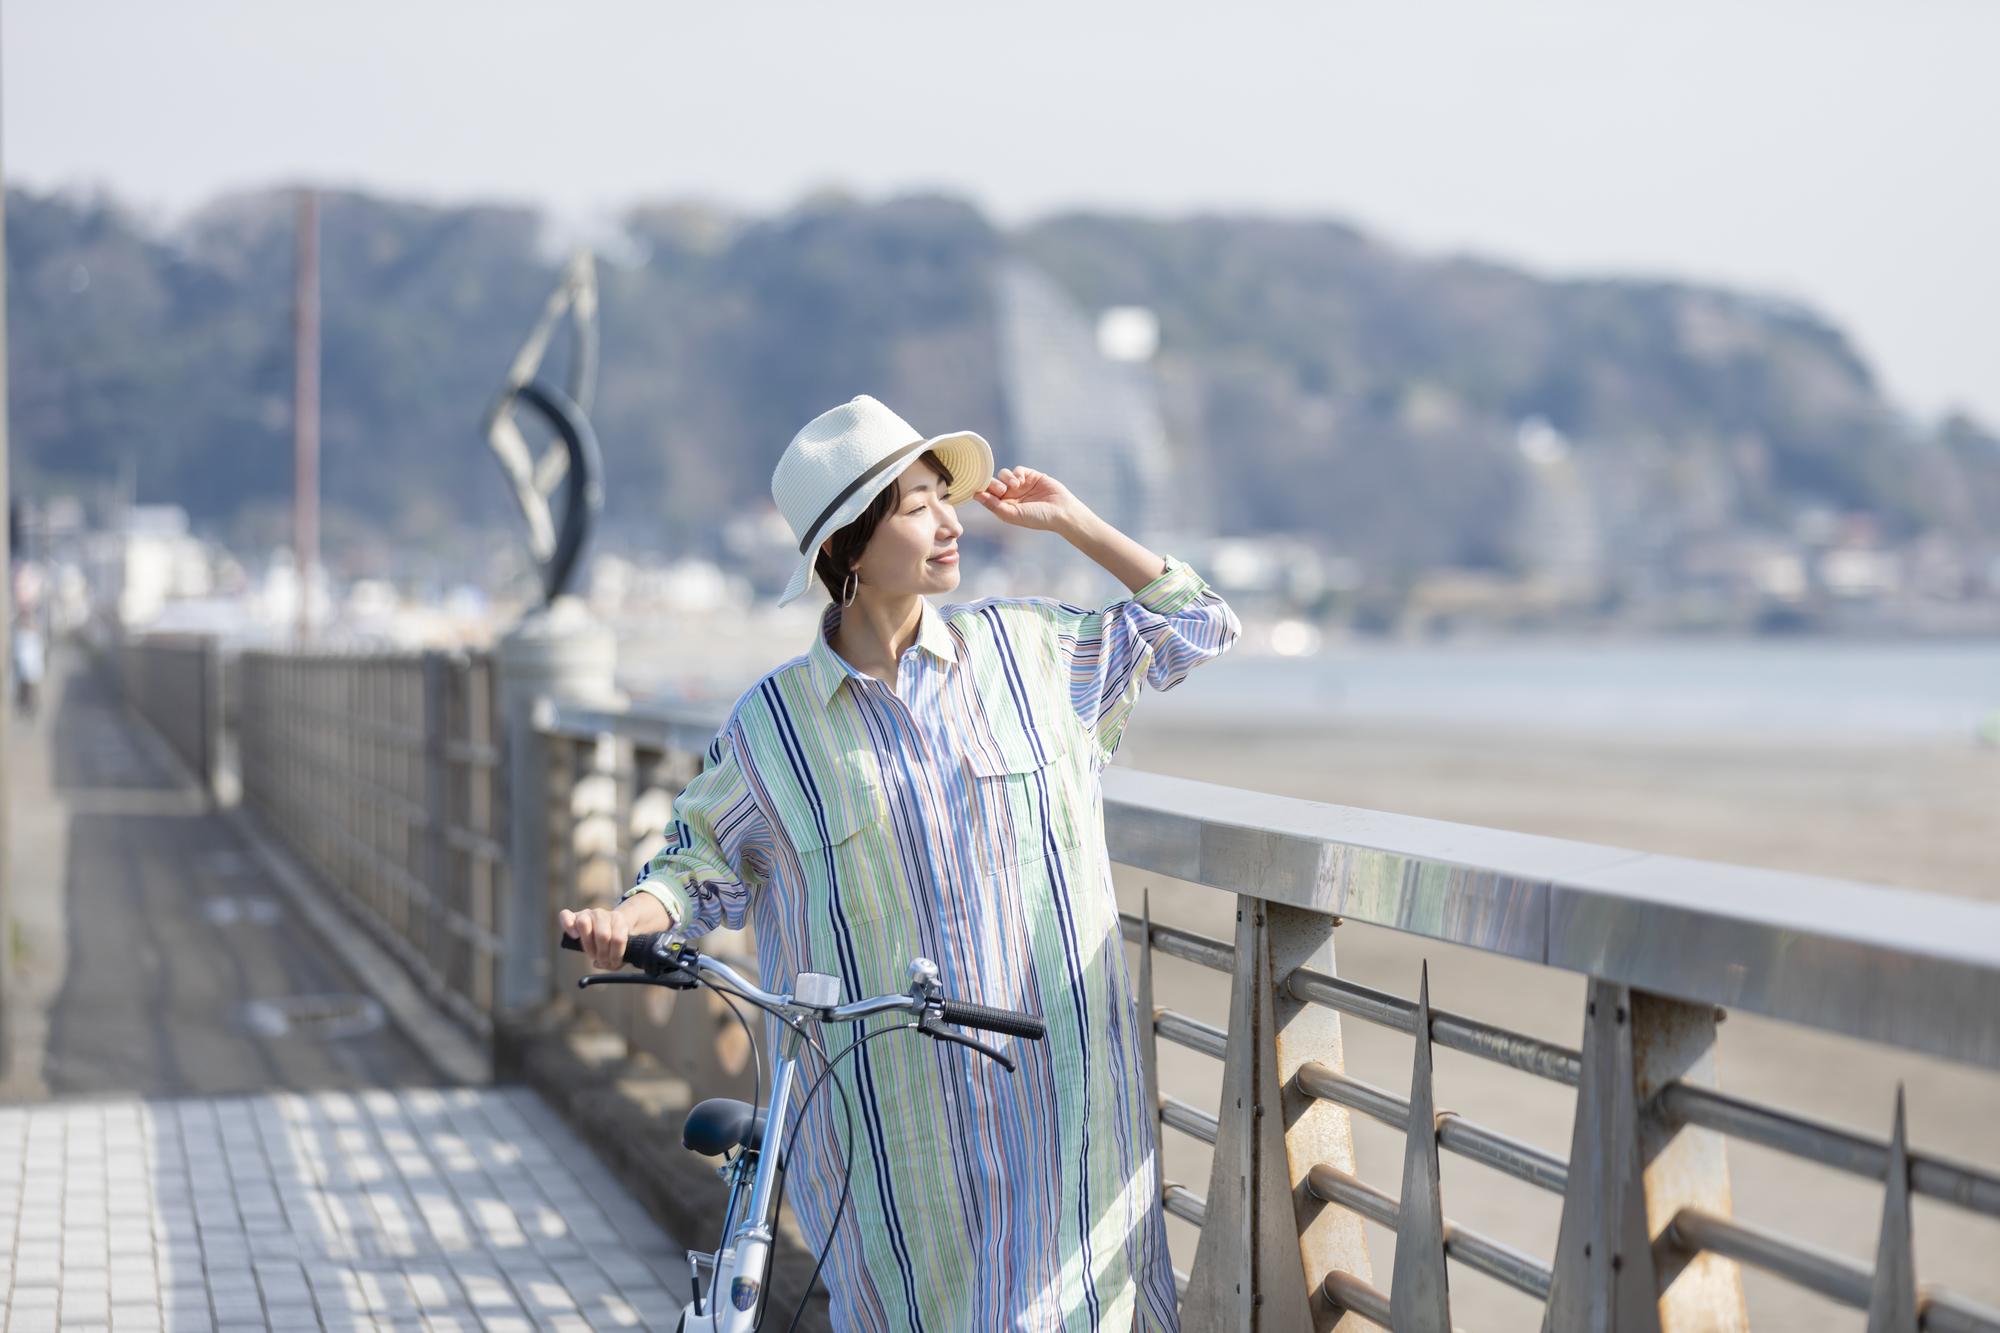 小浜島での観光はレンタサイクルで!移動手段は電動自転車が断然おすすめ!